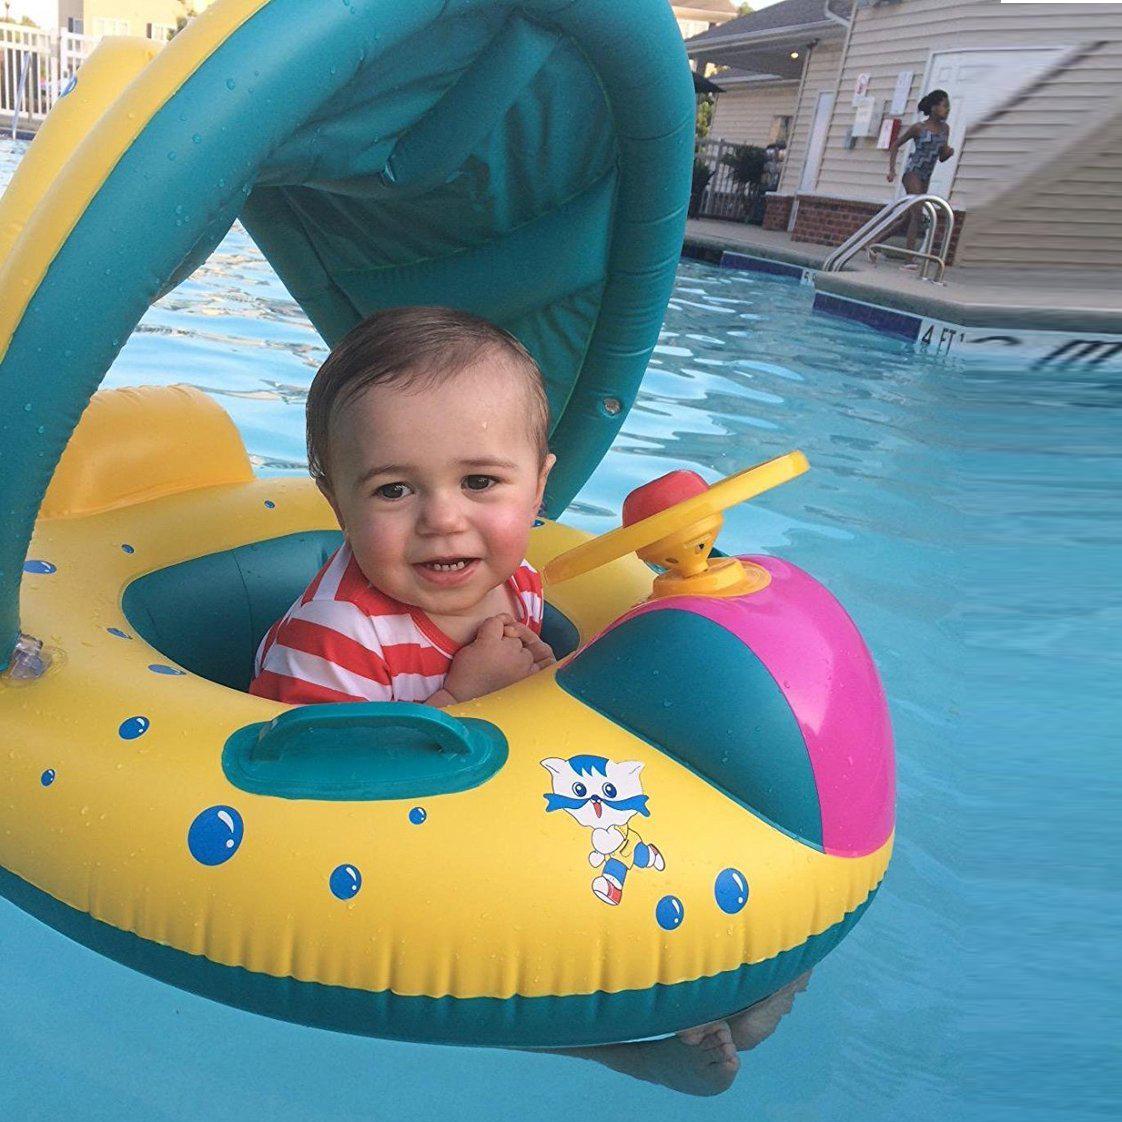 Inflatable Sunshade Baby Kids Toddler Float Seat Boat Swimming Pool Ring Raft Au Ebay